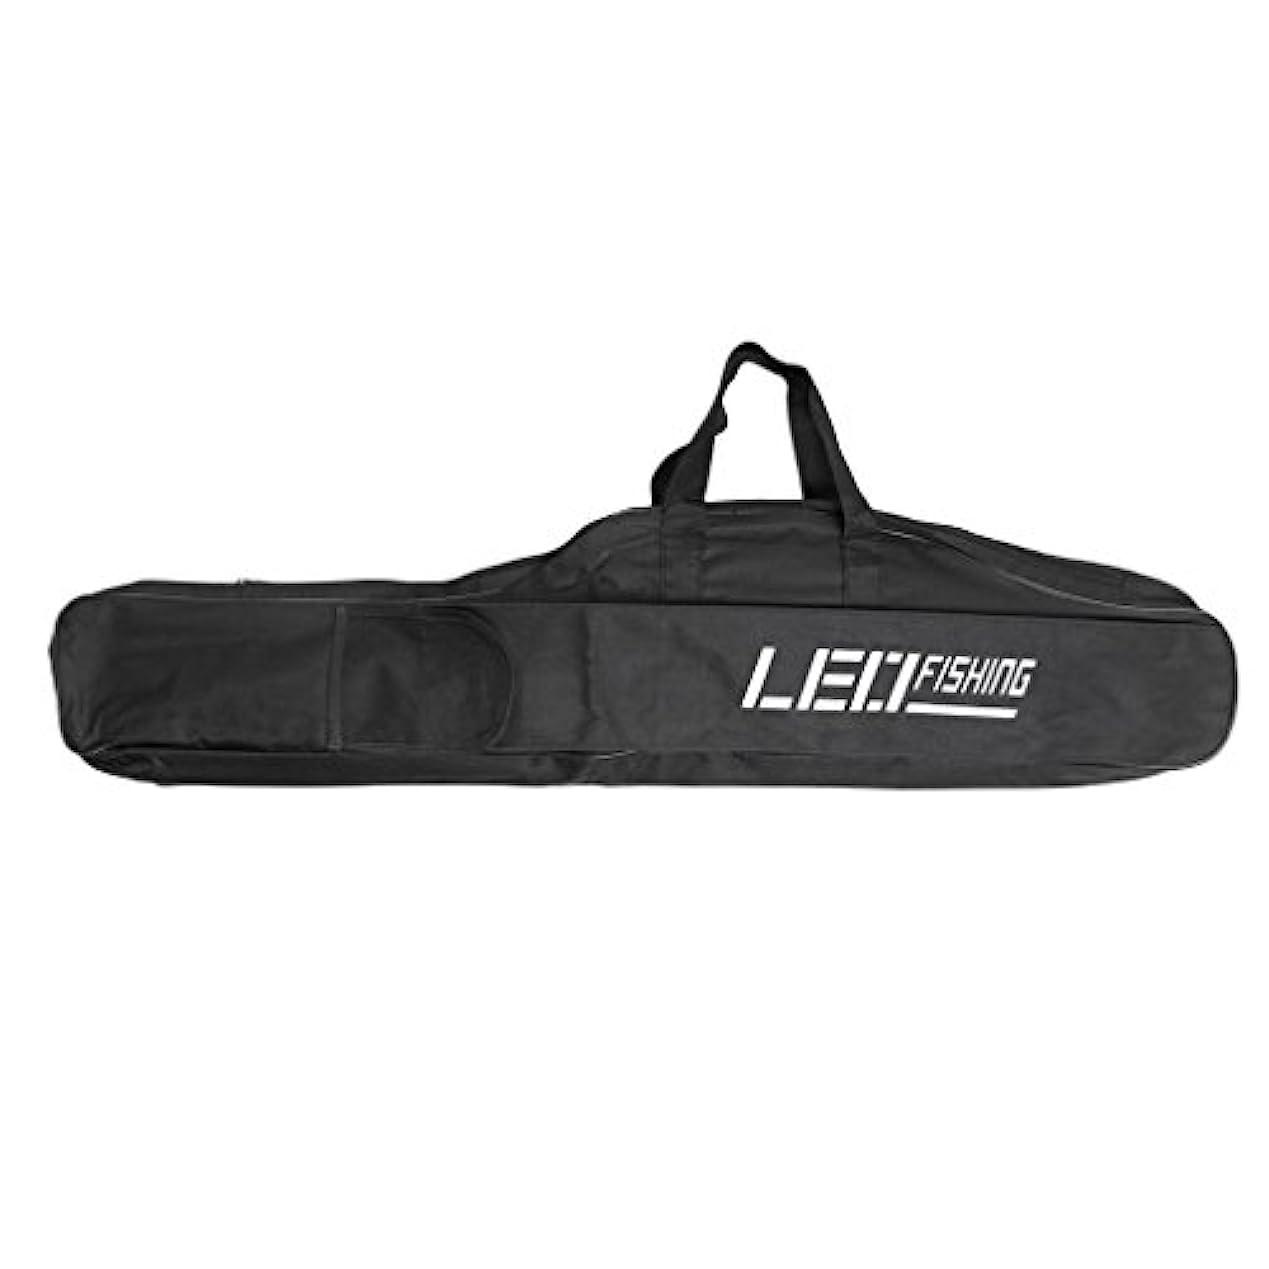 代替案符号うがいBaoblaze ロッドケース ロッドバッグ 釣竿ポッチ 肩掛け ジッパー式 大容量 420D 防水 ブラック 全2サイズ